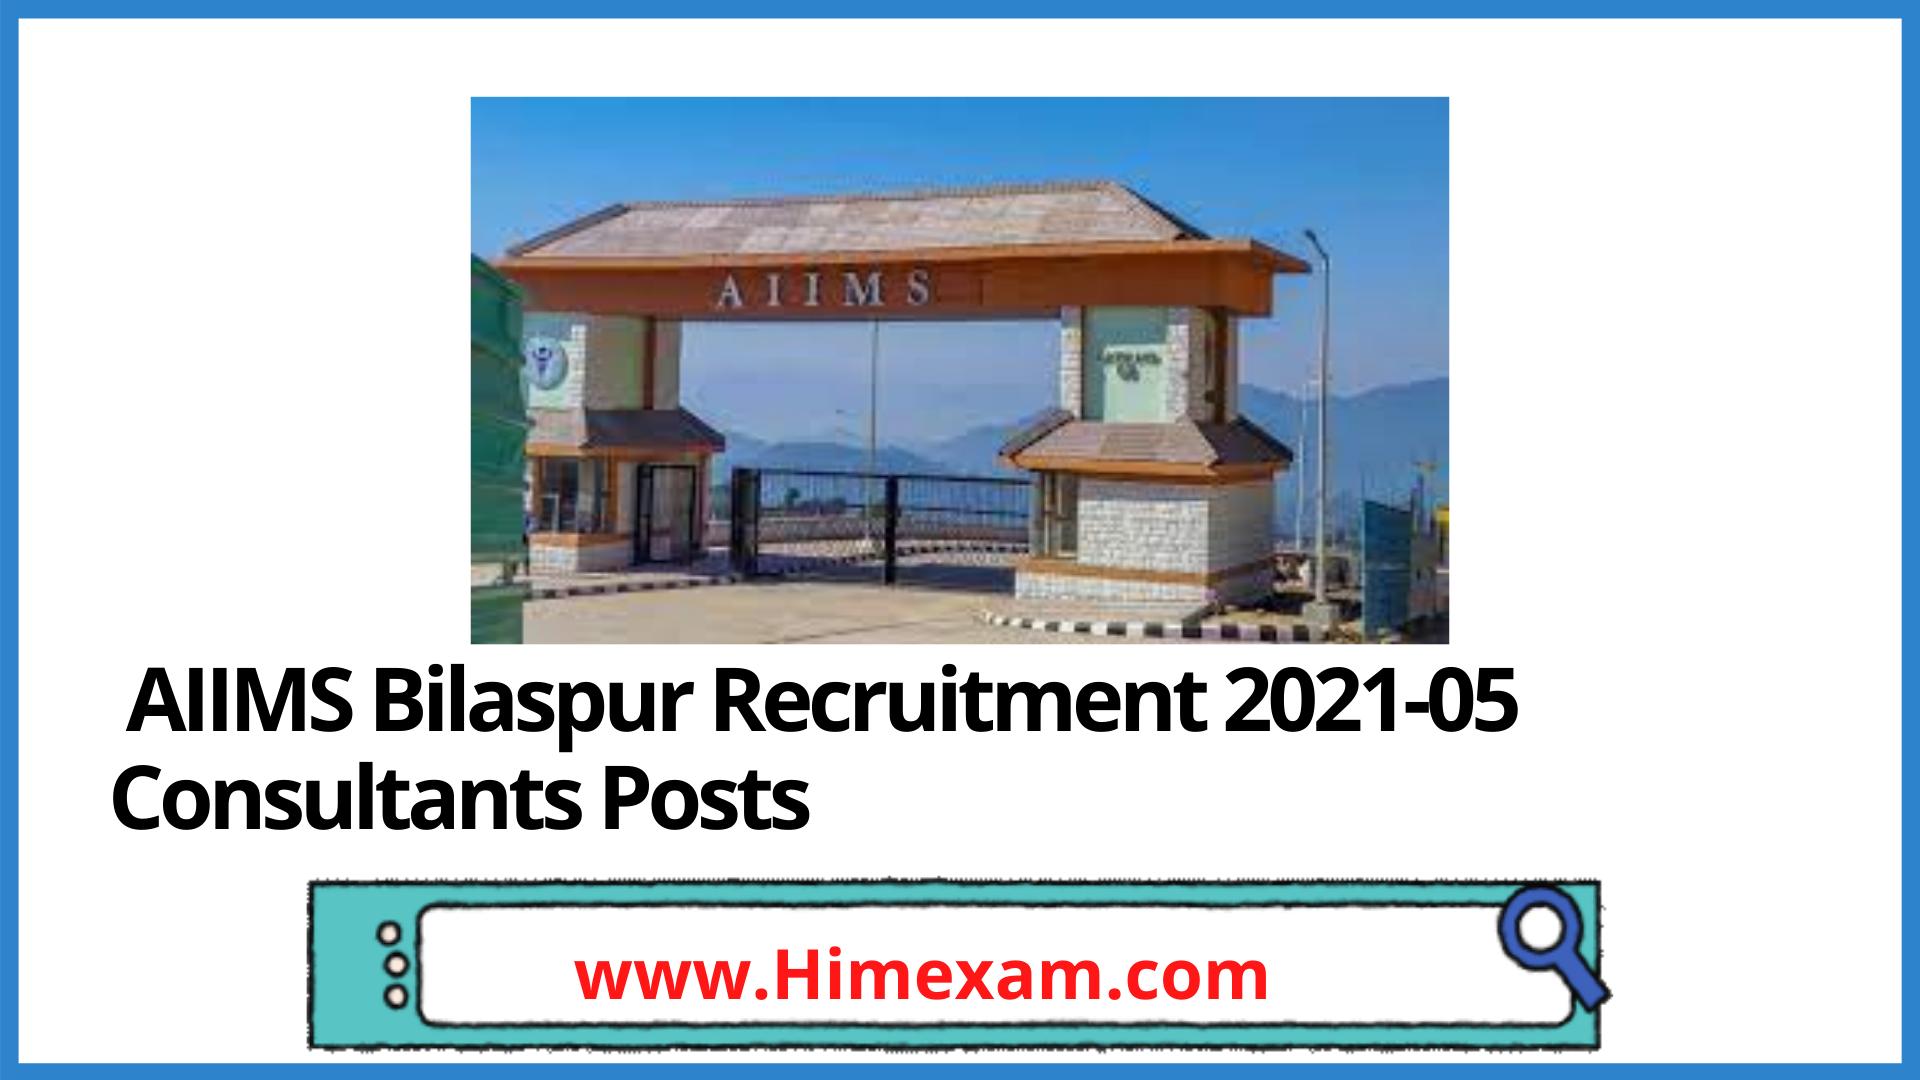 AIIMS Bilaspur Recruitment 2021-05 Consultants Posts